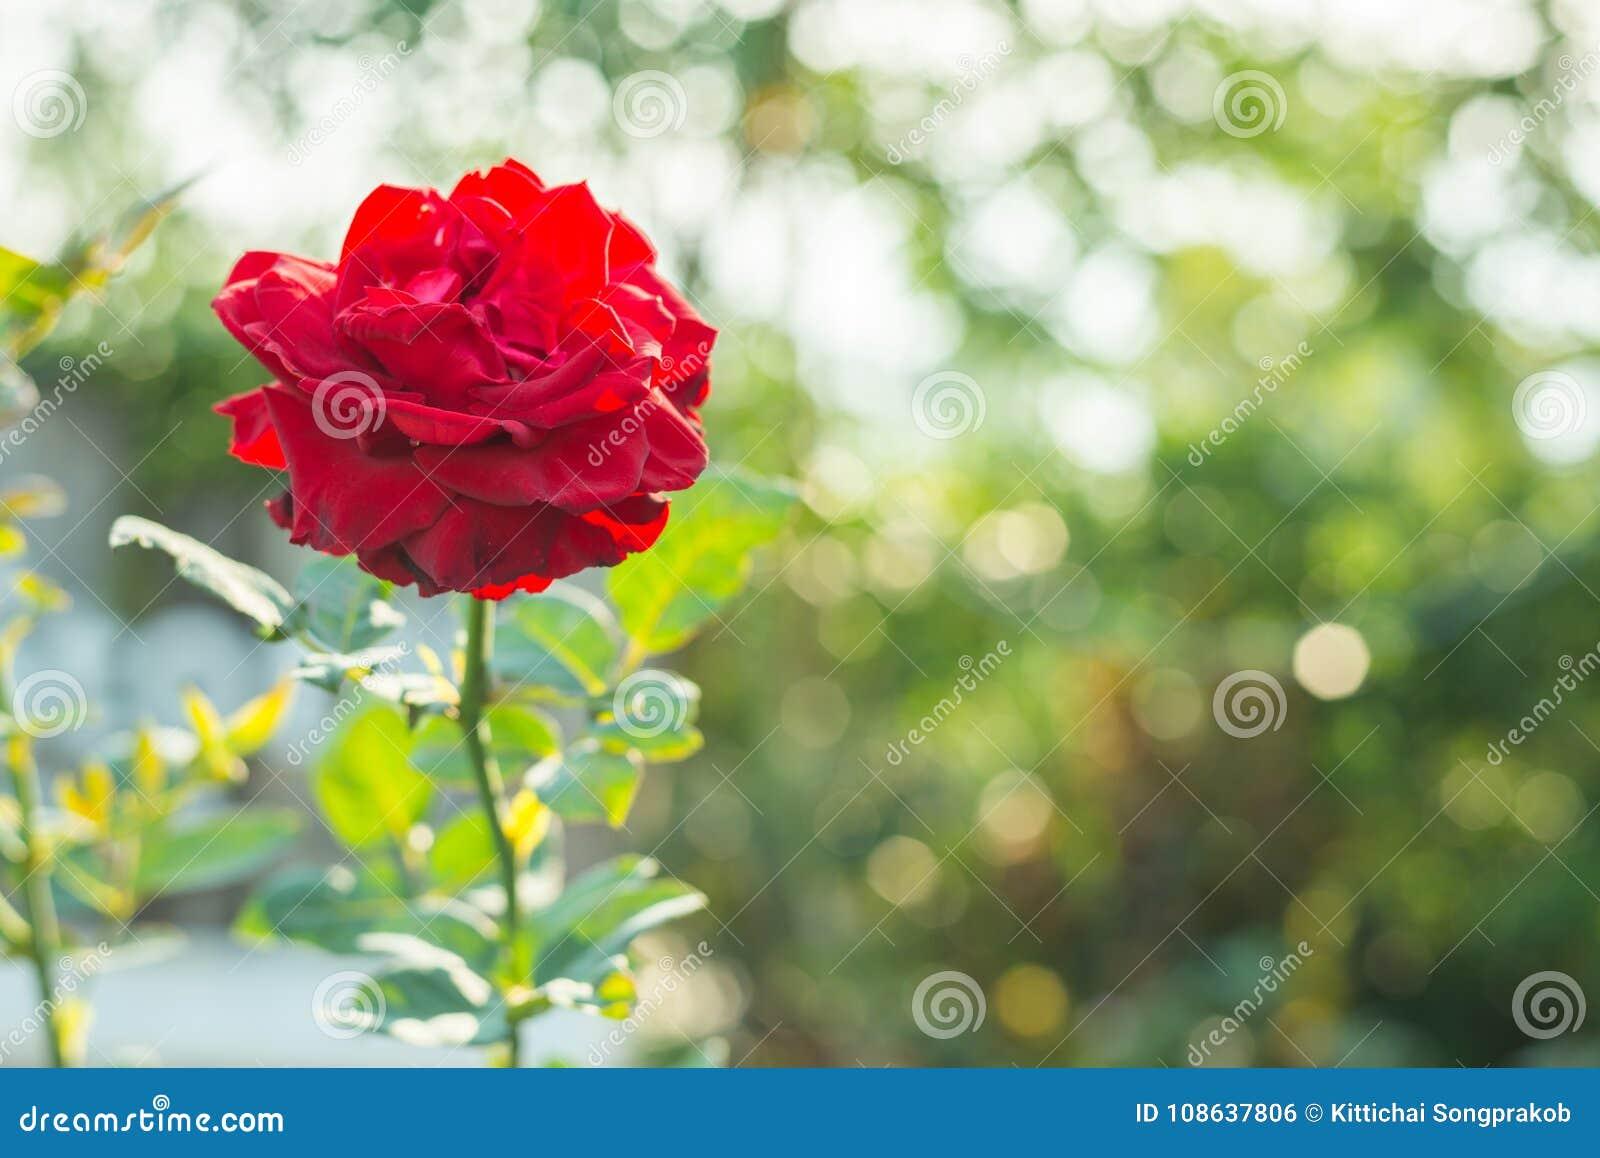 belle rose de floraison de rouge dans le jardin photo stock - image